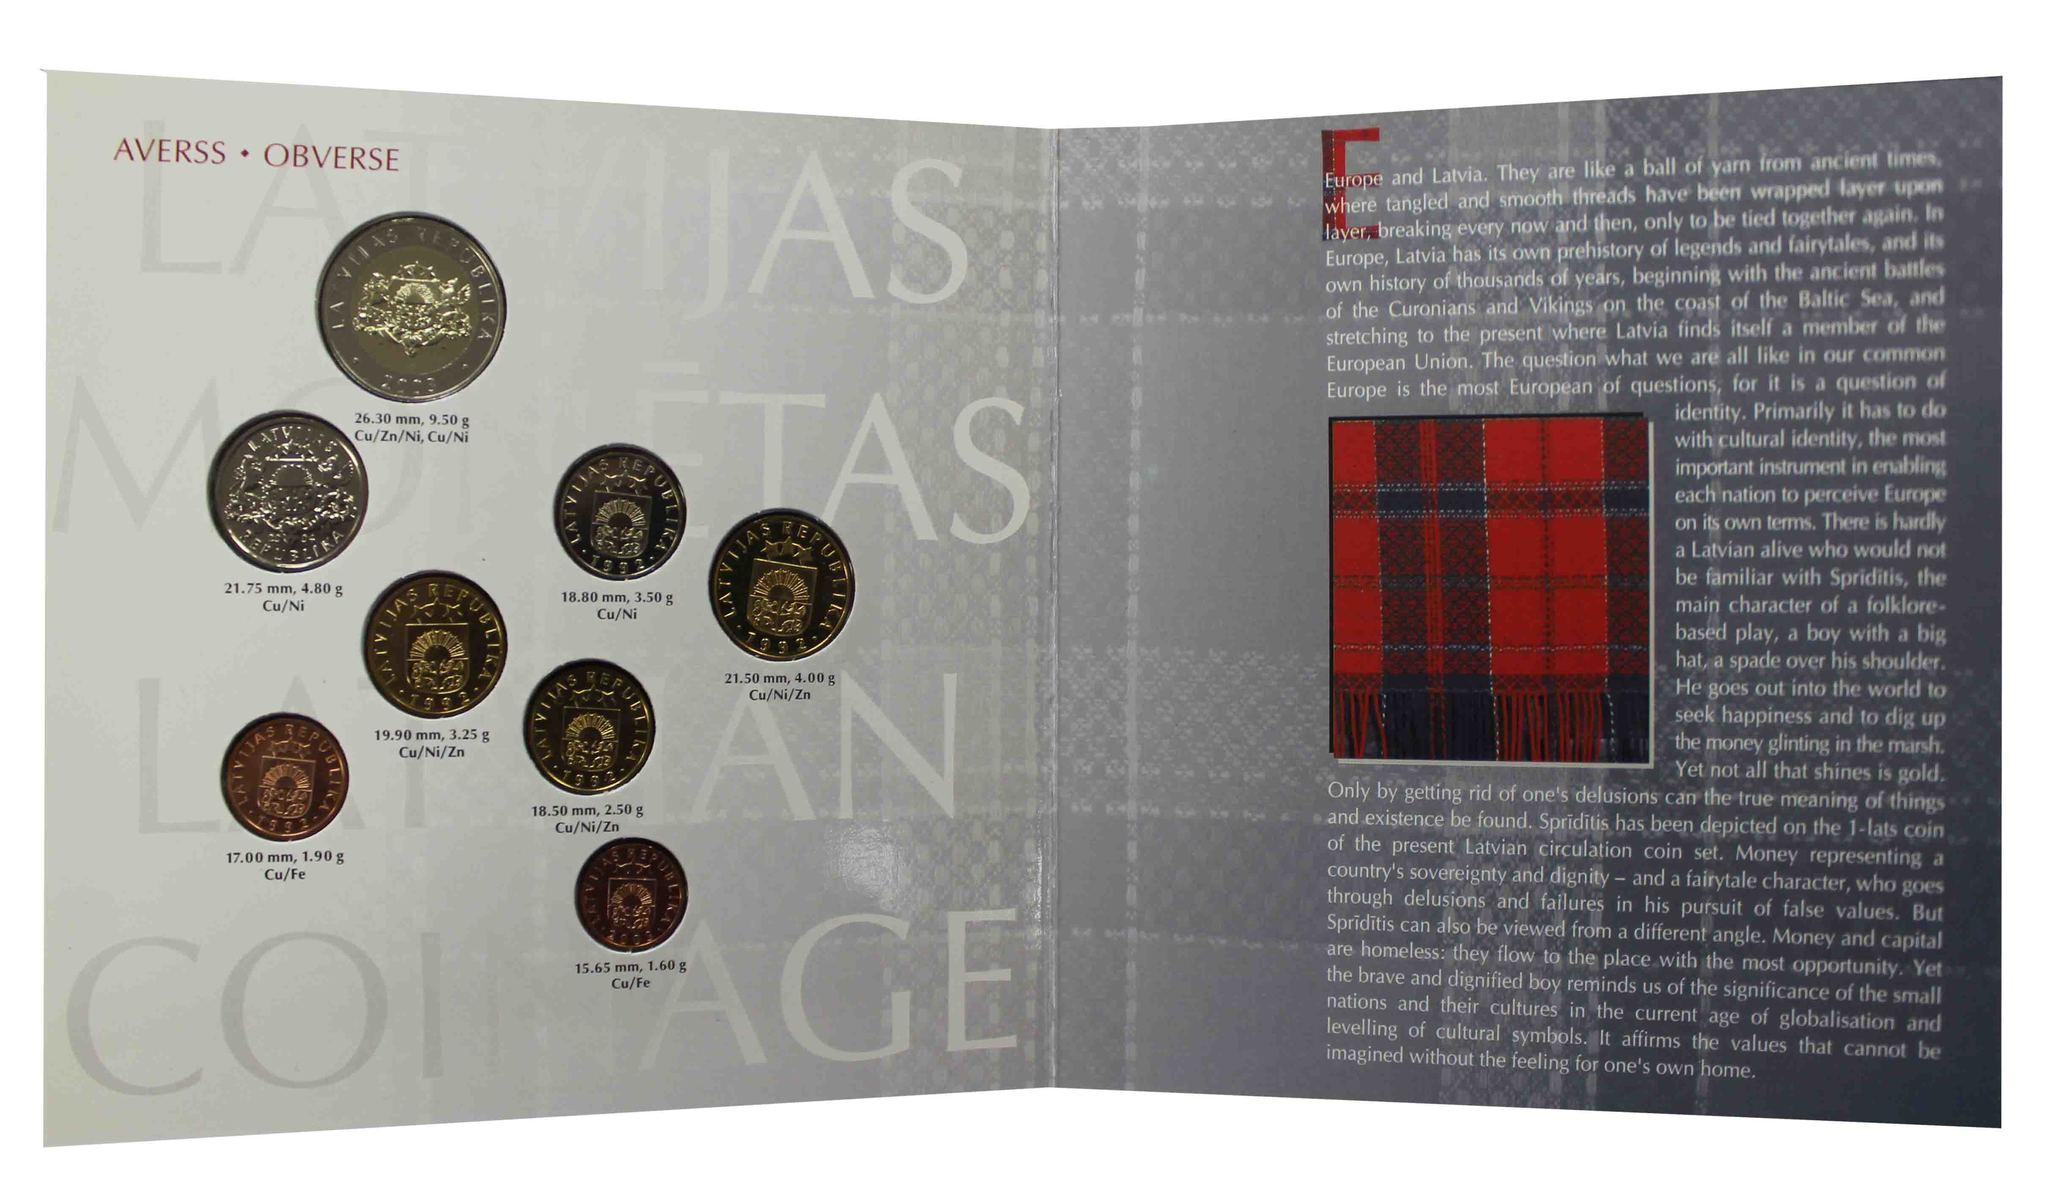 Набор Латвия из 8 монет 1992, 2003, 2004 (1, 2, 5, 10, 20, 50 центов; 1 и 2 лата мальчик и корова)